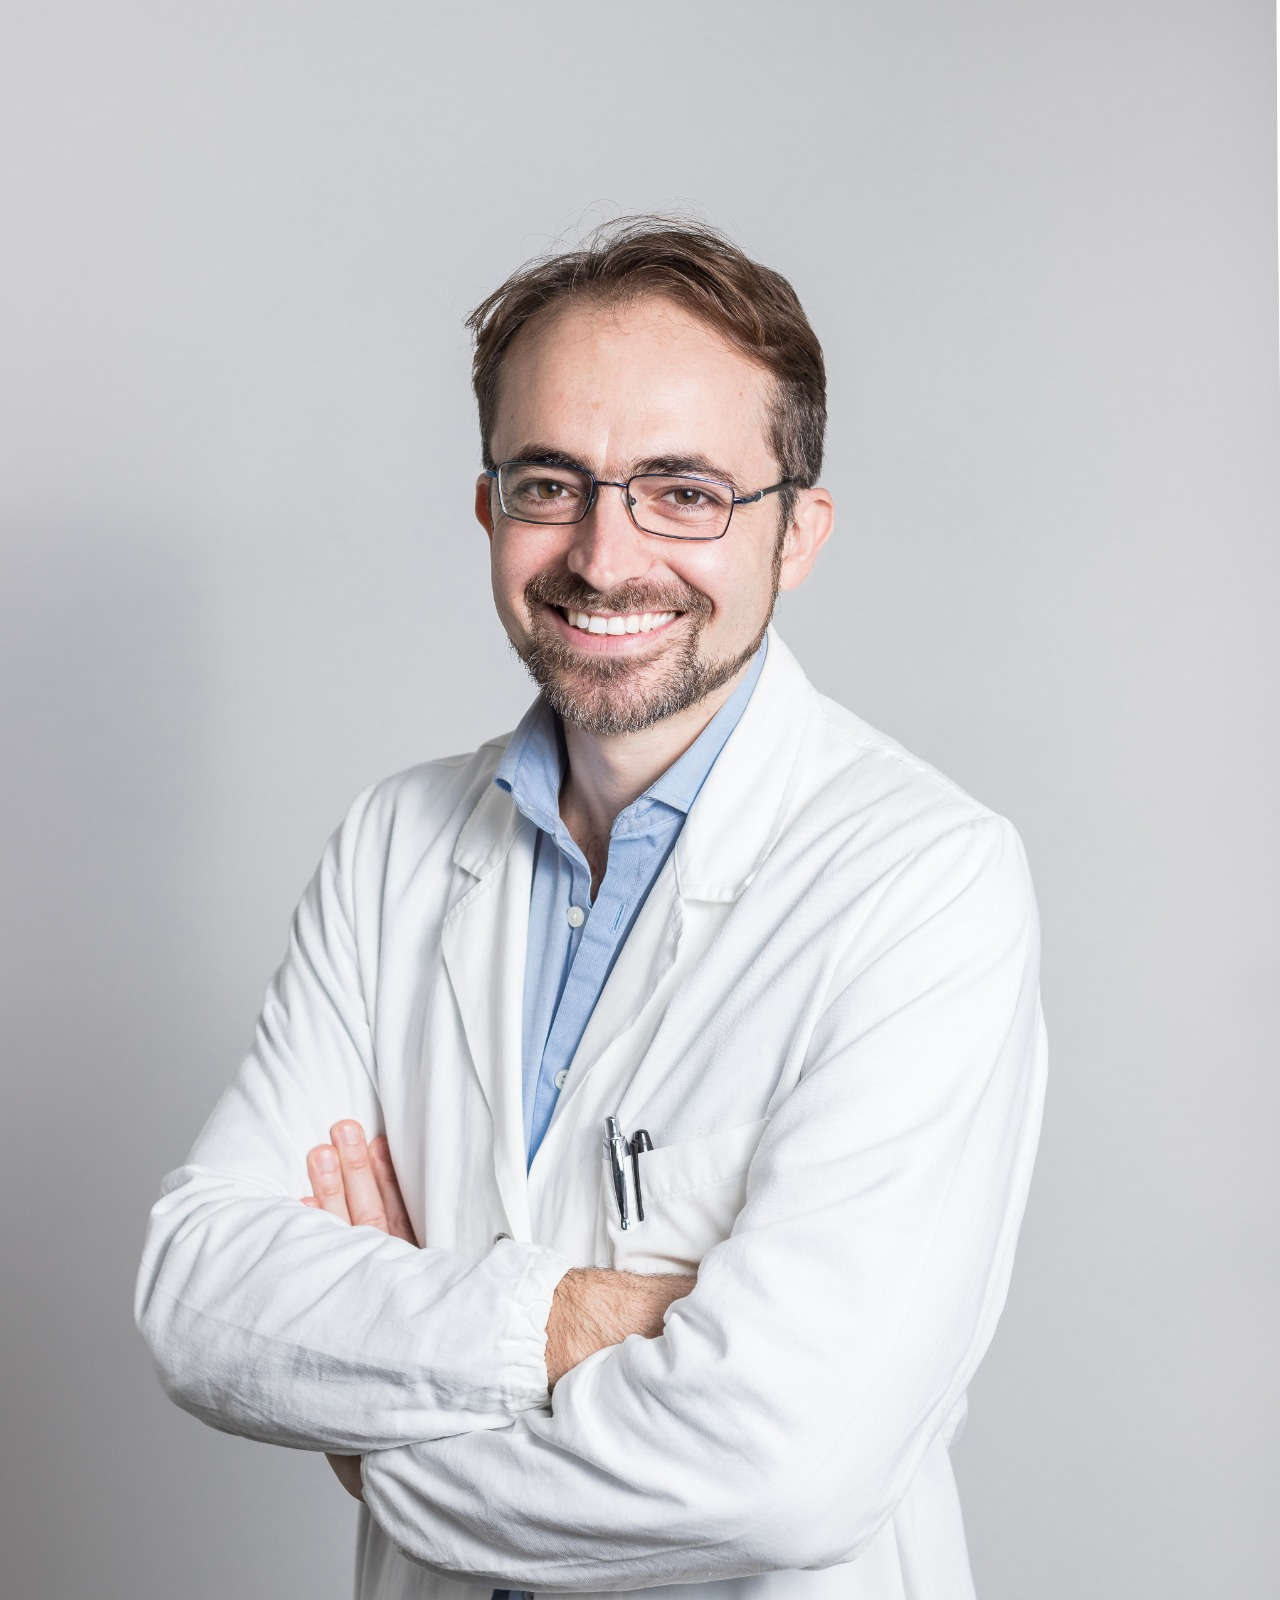 Dr. Simone Di Pietro